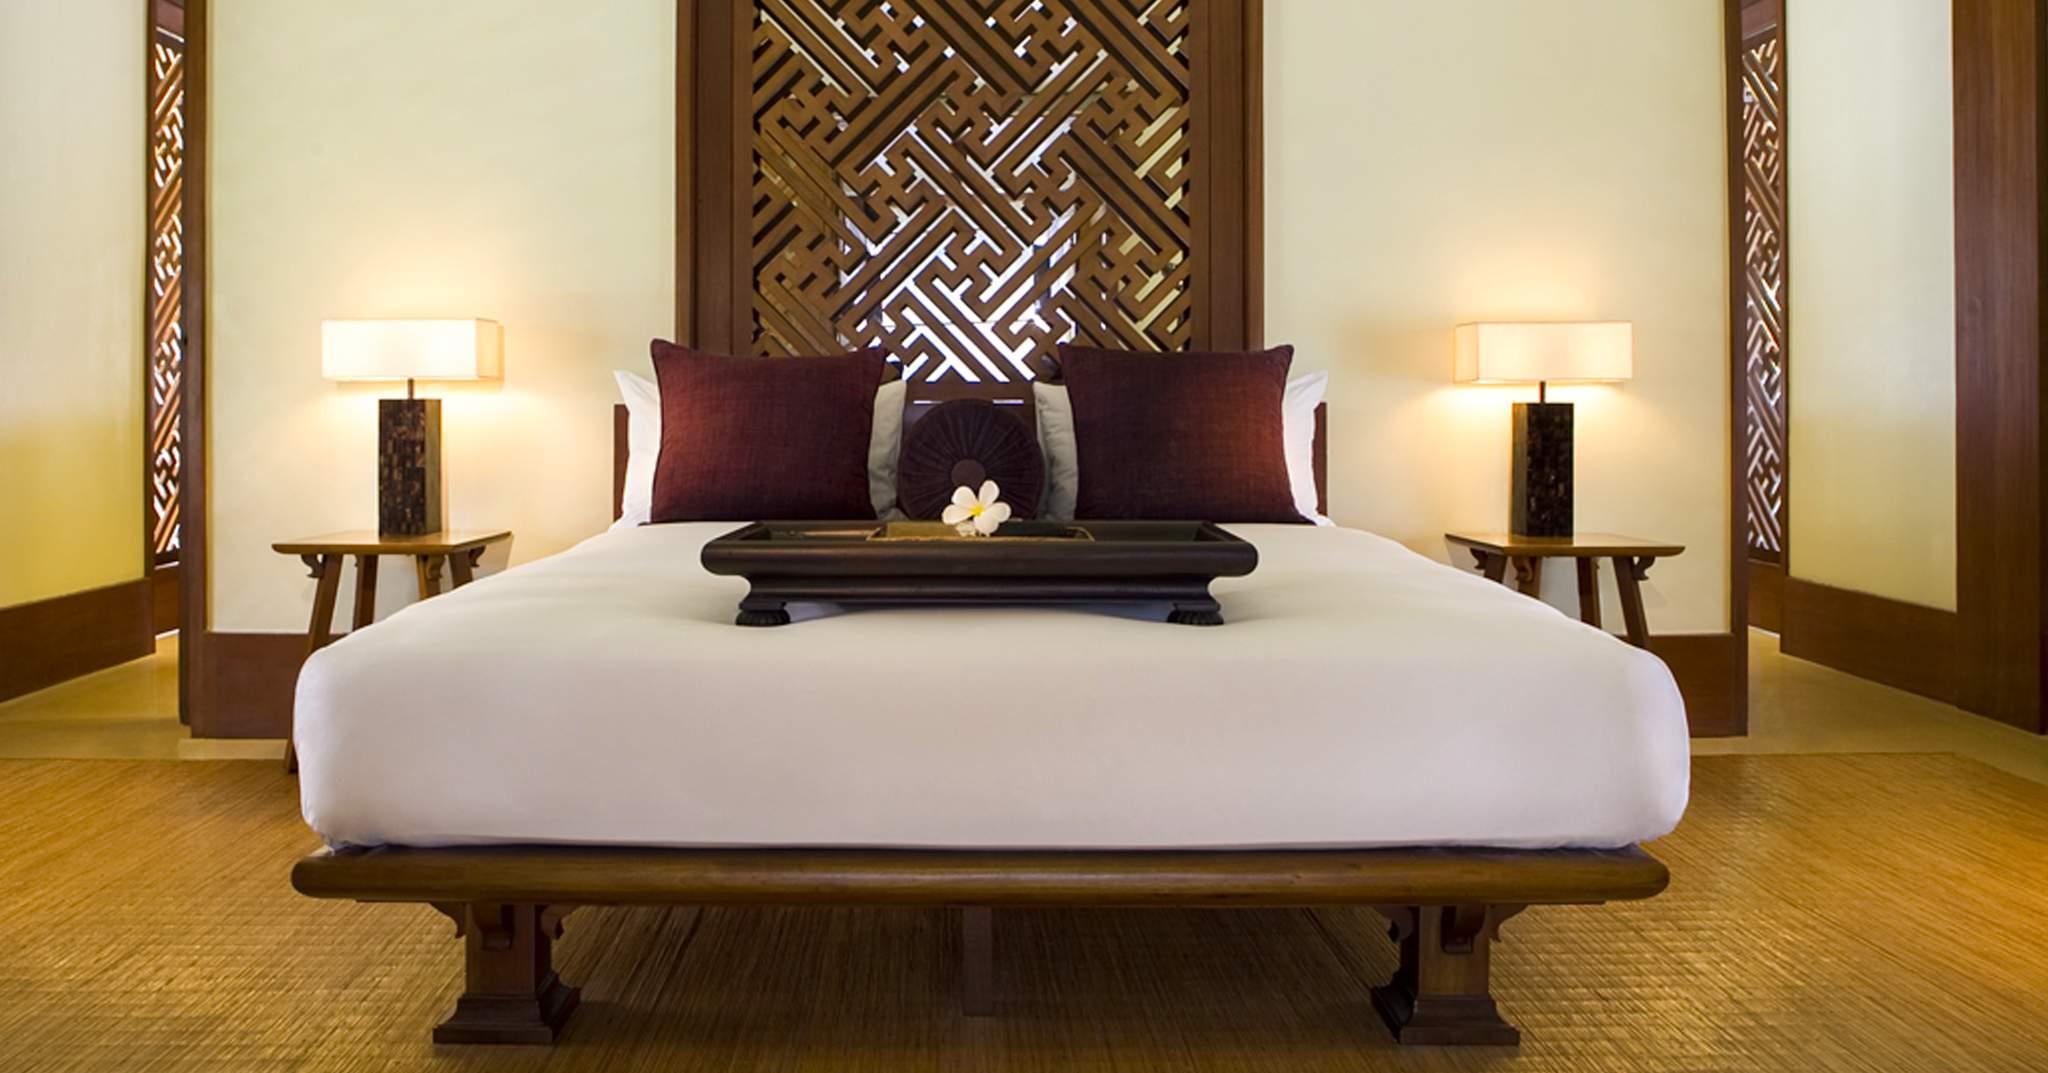 The Legian Bali